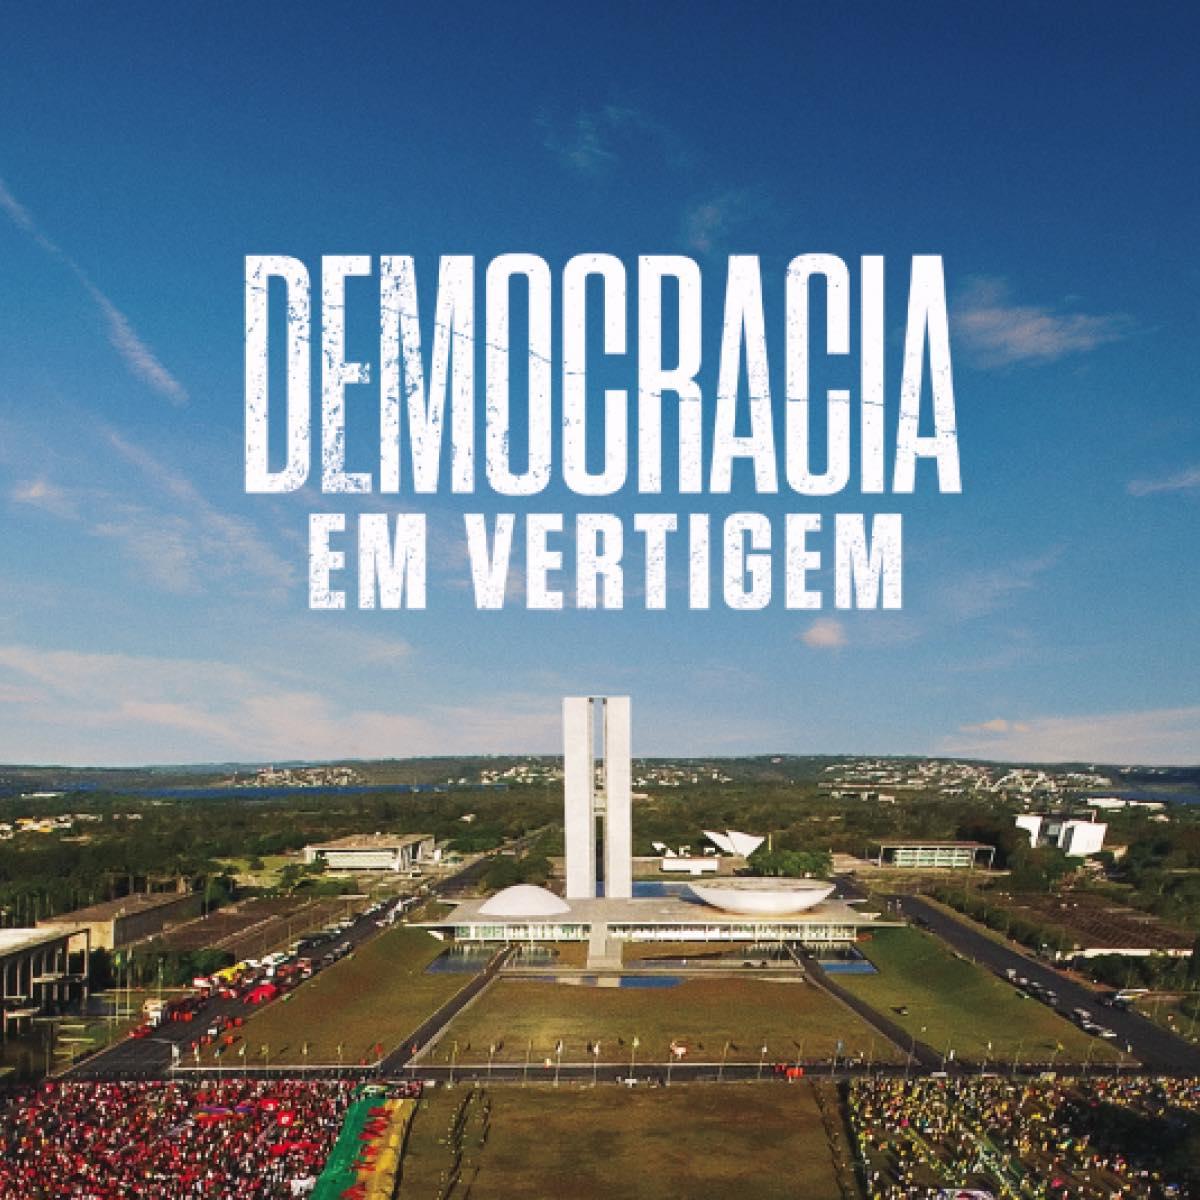 O documentário Democracia em vertigem, da diretora brasileira Petra Costa, foi indicado a melhor documentário no Oscar 2020. A cerimônia de premiação vai acontecer no dia 9 de fevereiro, na cidade de Los Angeles (EUA) (Foto: Reprodução/Internet)